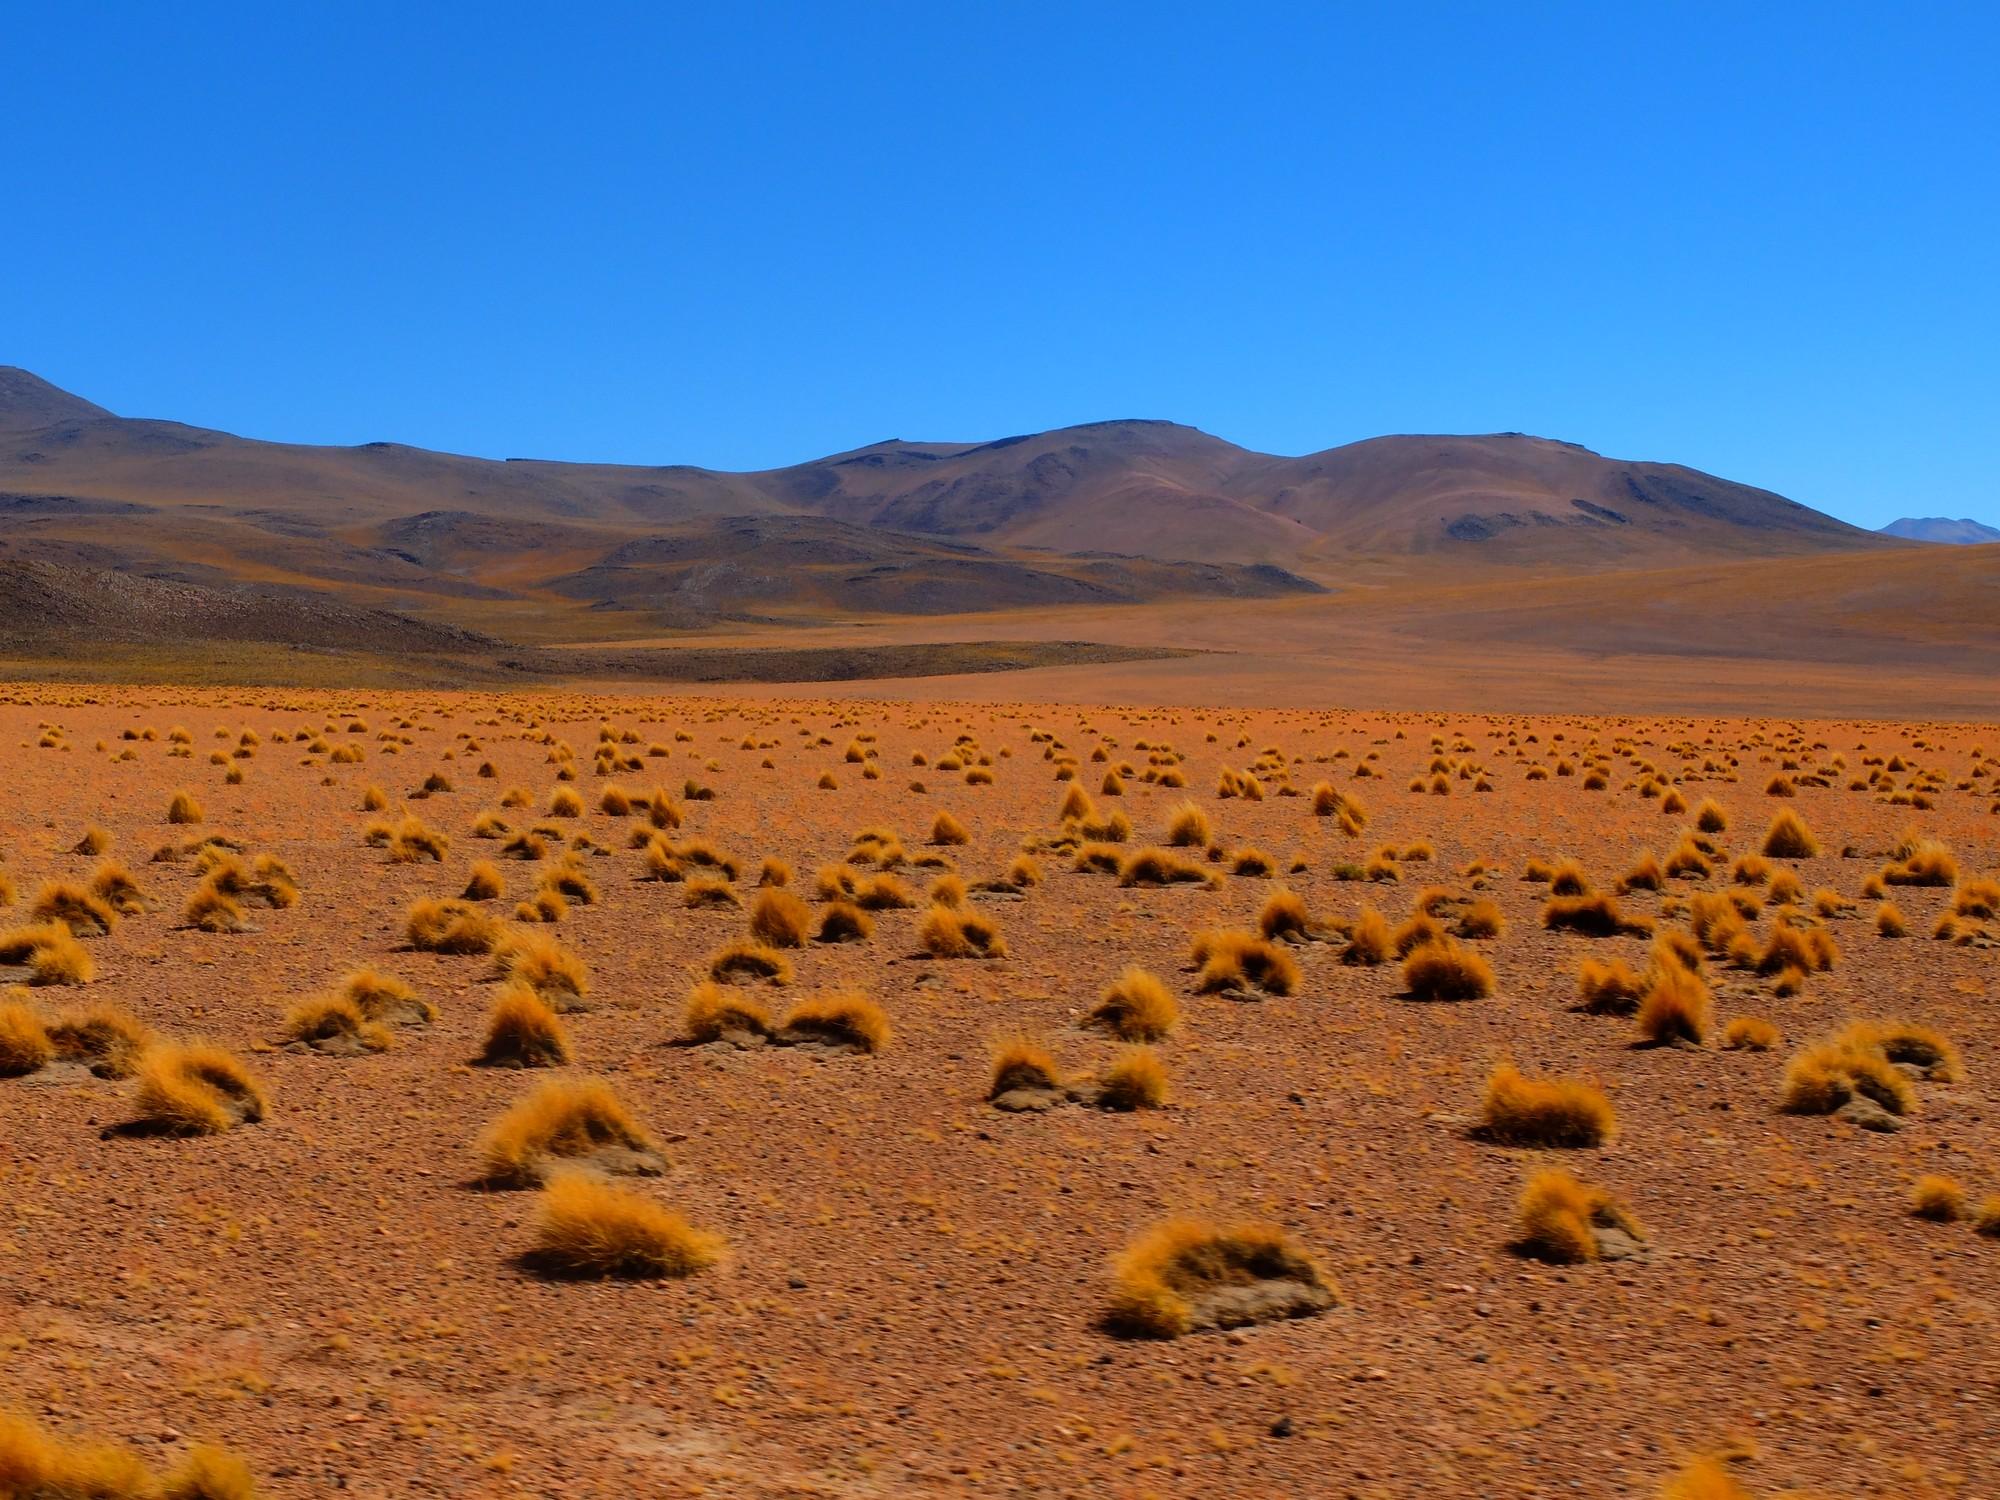 Desert vegetation,